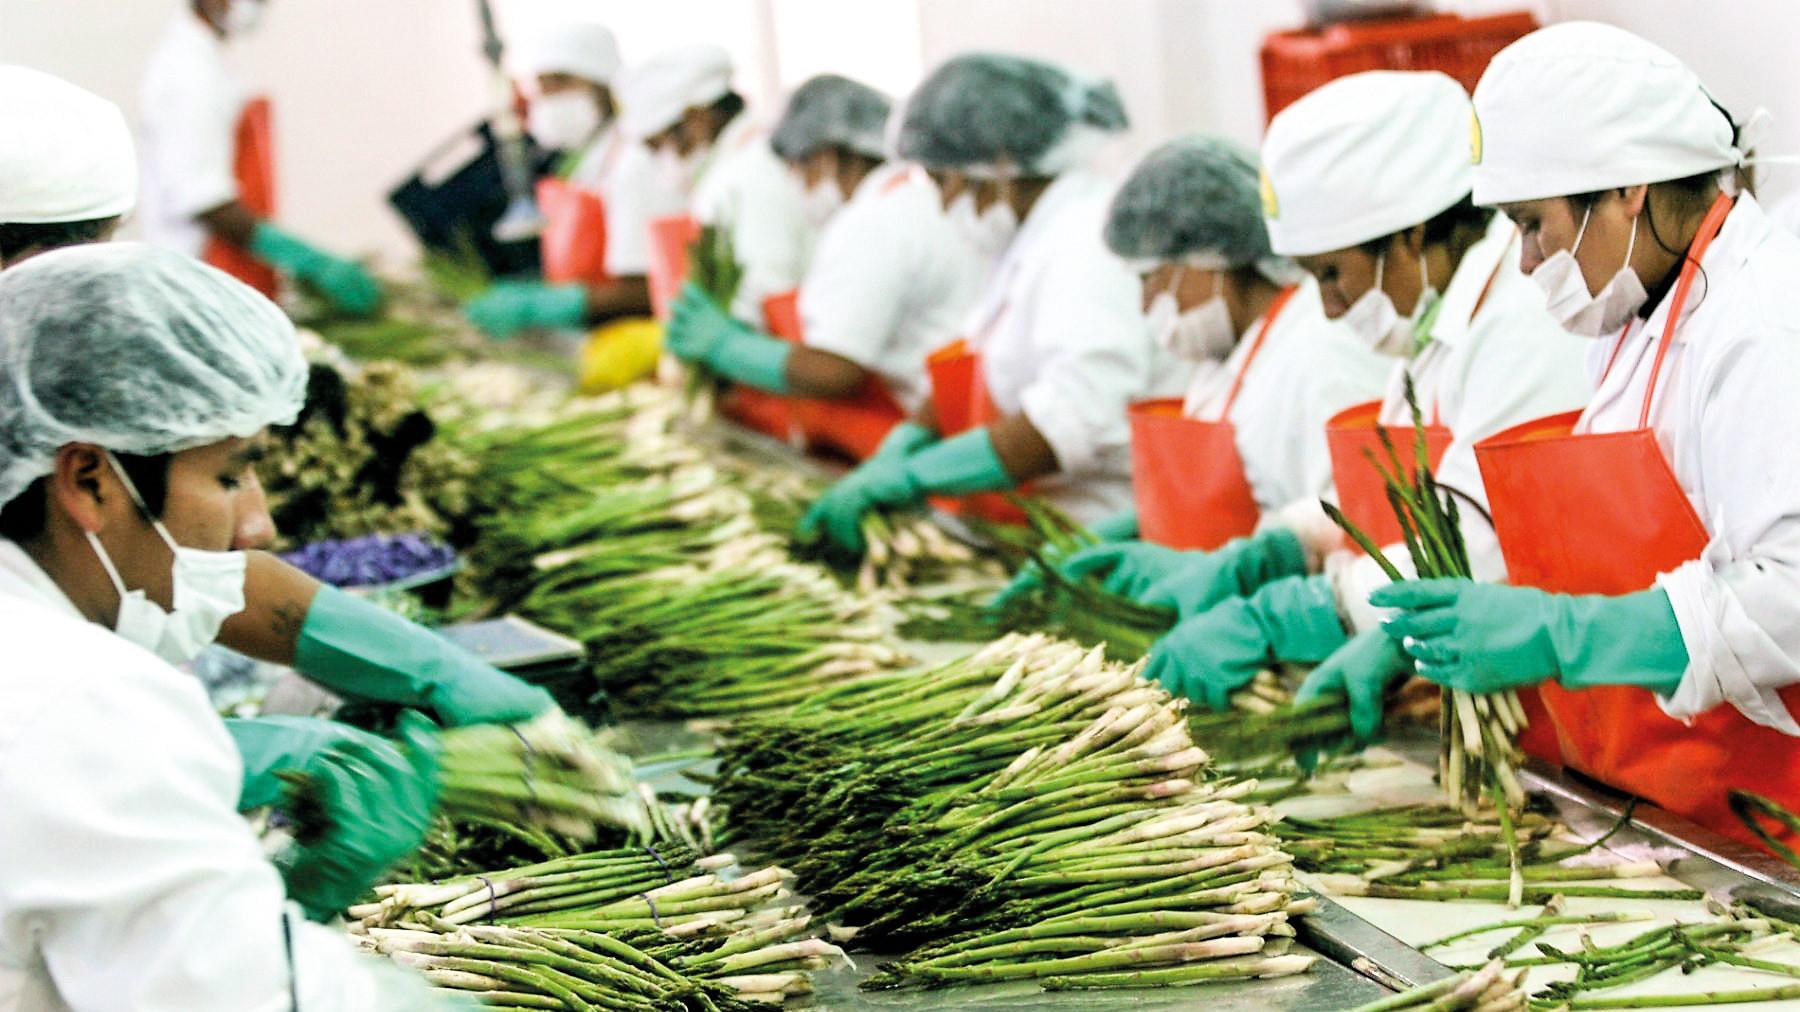 Nueva ley de promoción agraria: mayores costos forzarán la suspensión de inversiones